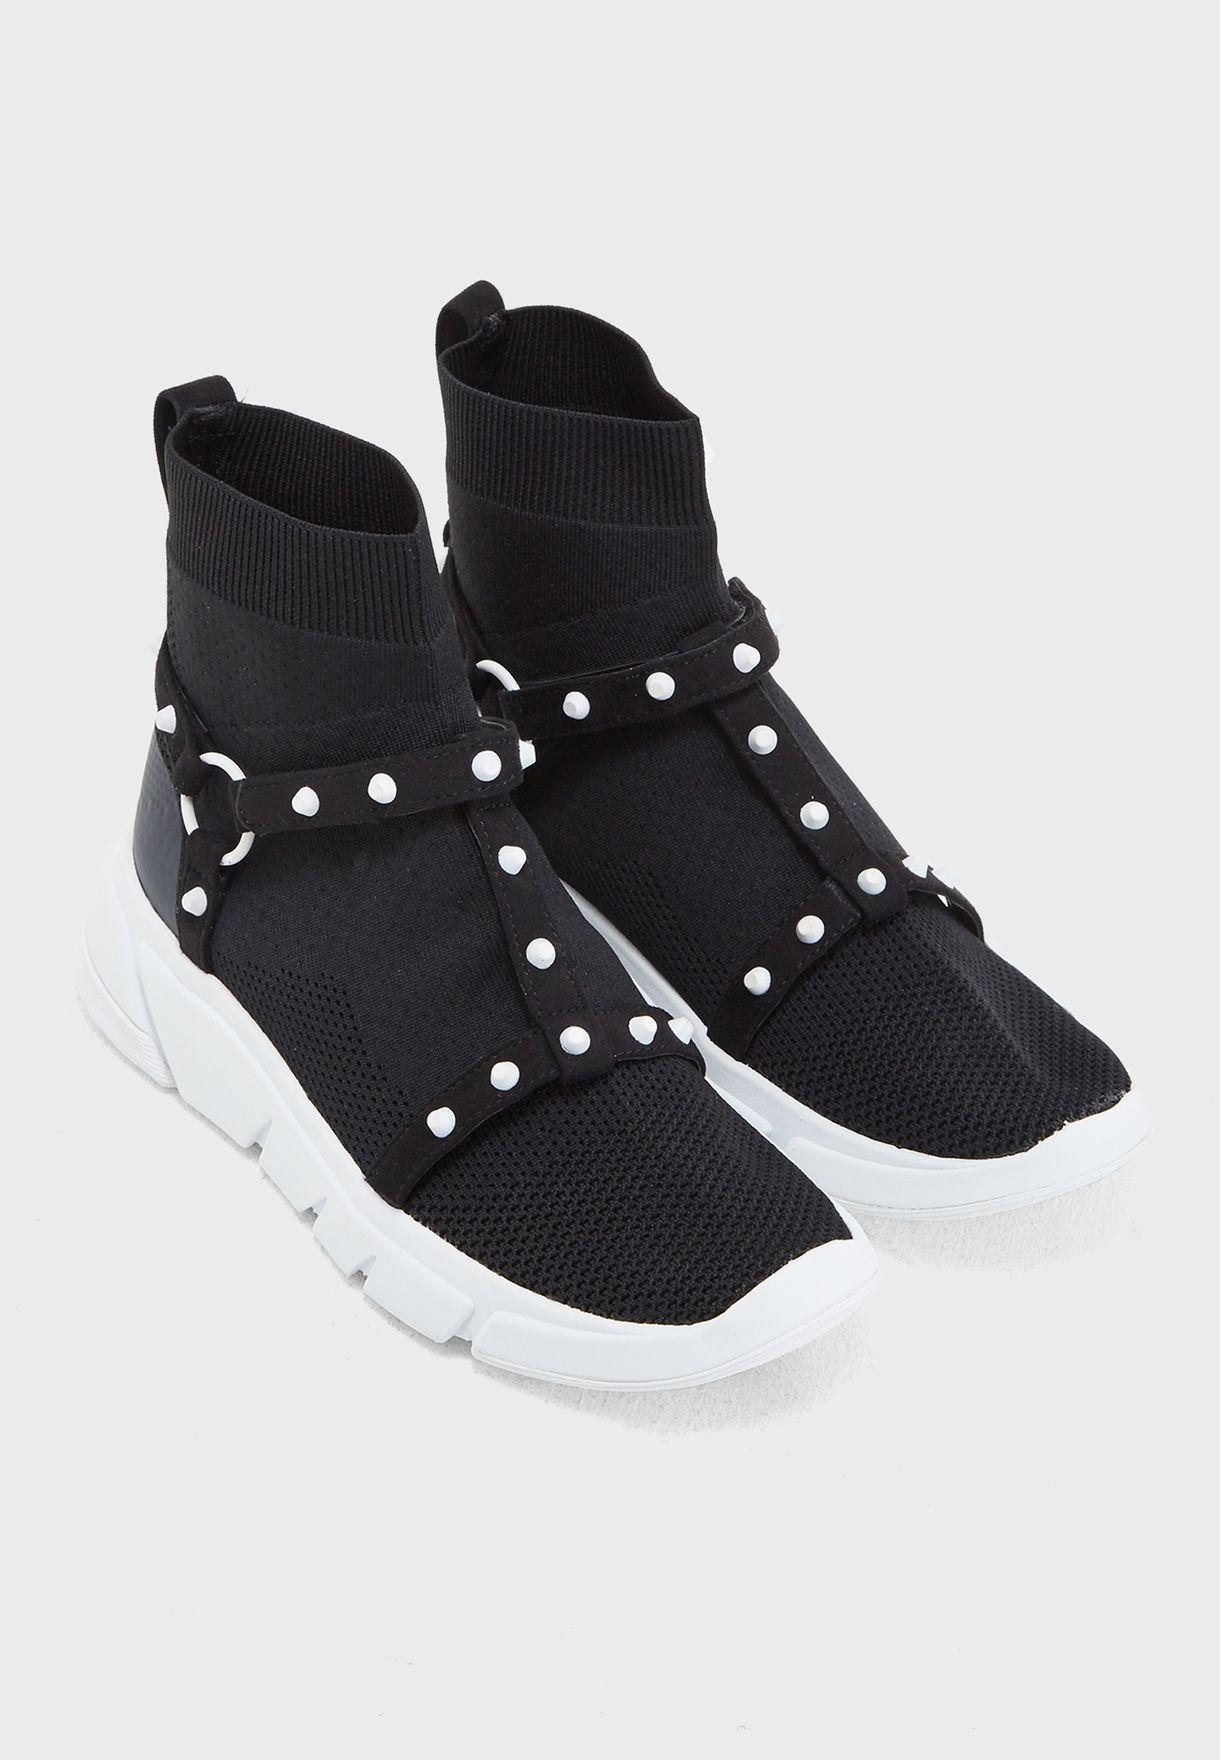 حذاء سهل الارتداء بكاحل متوسط الارتفاع